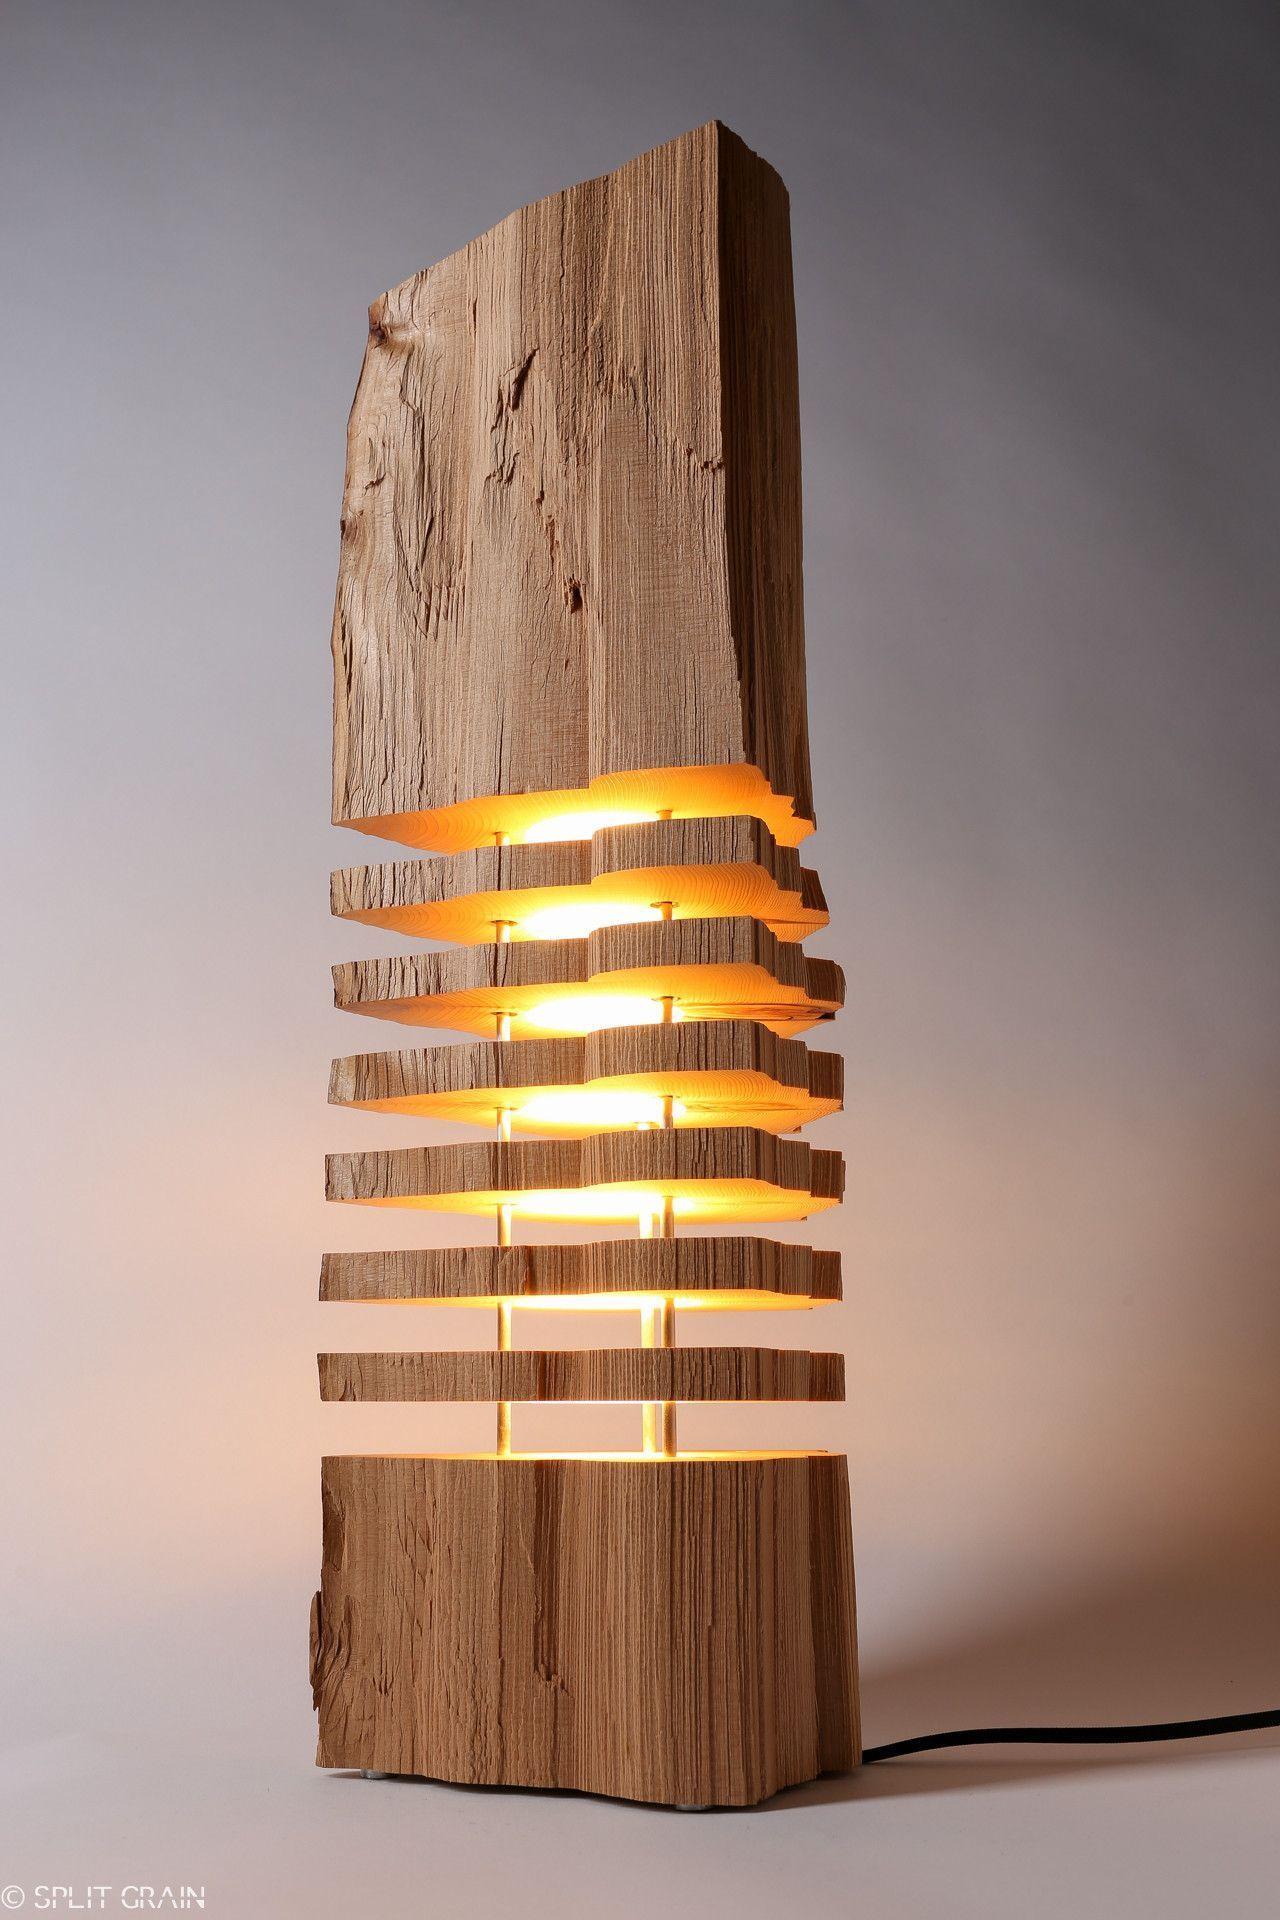 Pin Von Ludgerschroeder Auf Basteln In 2020 Stehlampe Holz